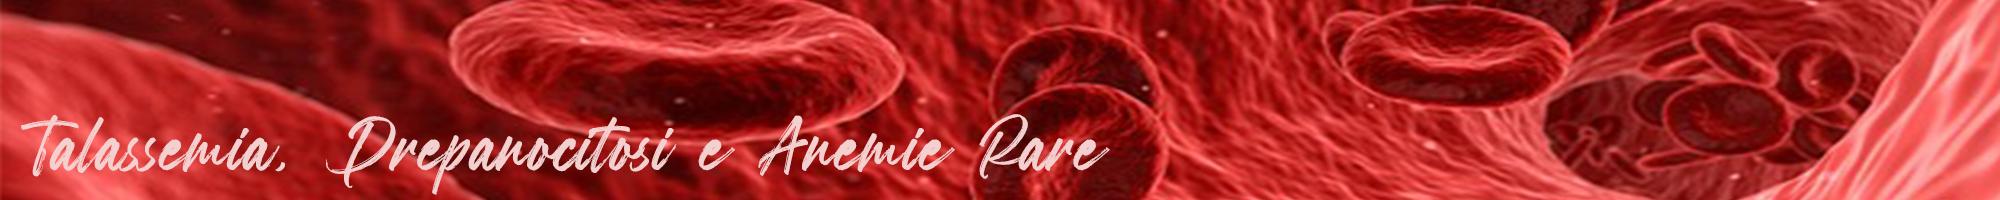 United Onlus | Thalassemia, drepanocitosi e anemie rare